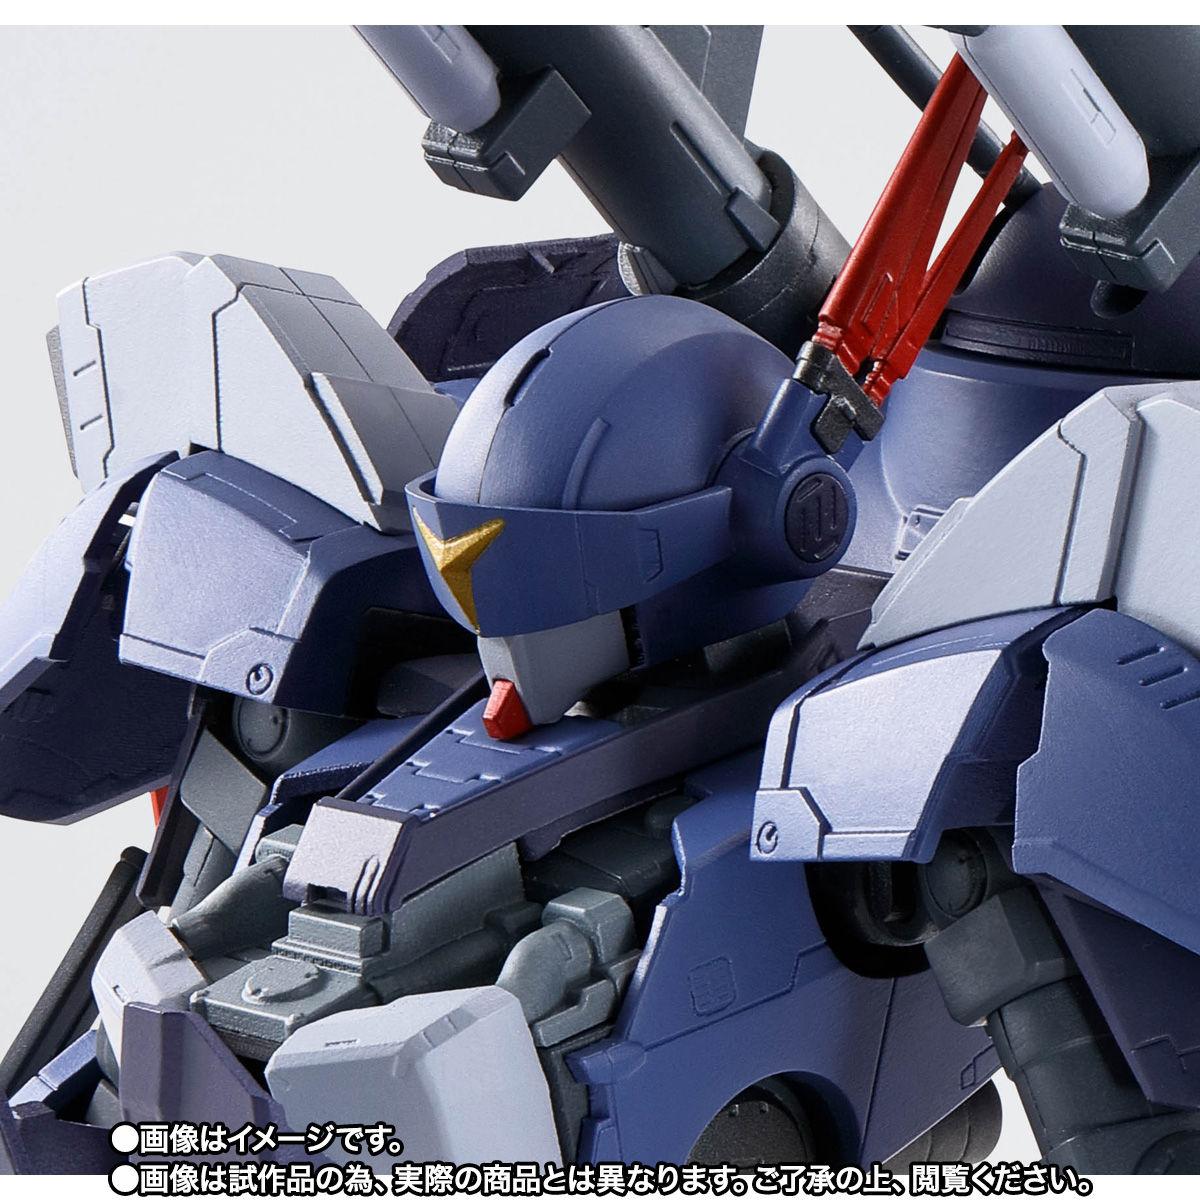 【限定販売】HI-METAL R『ドラグナー2カスタム』機甲戦記ドラグナー 可動フィギュア-007